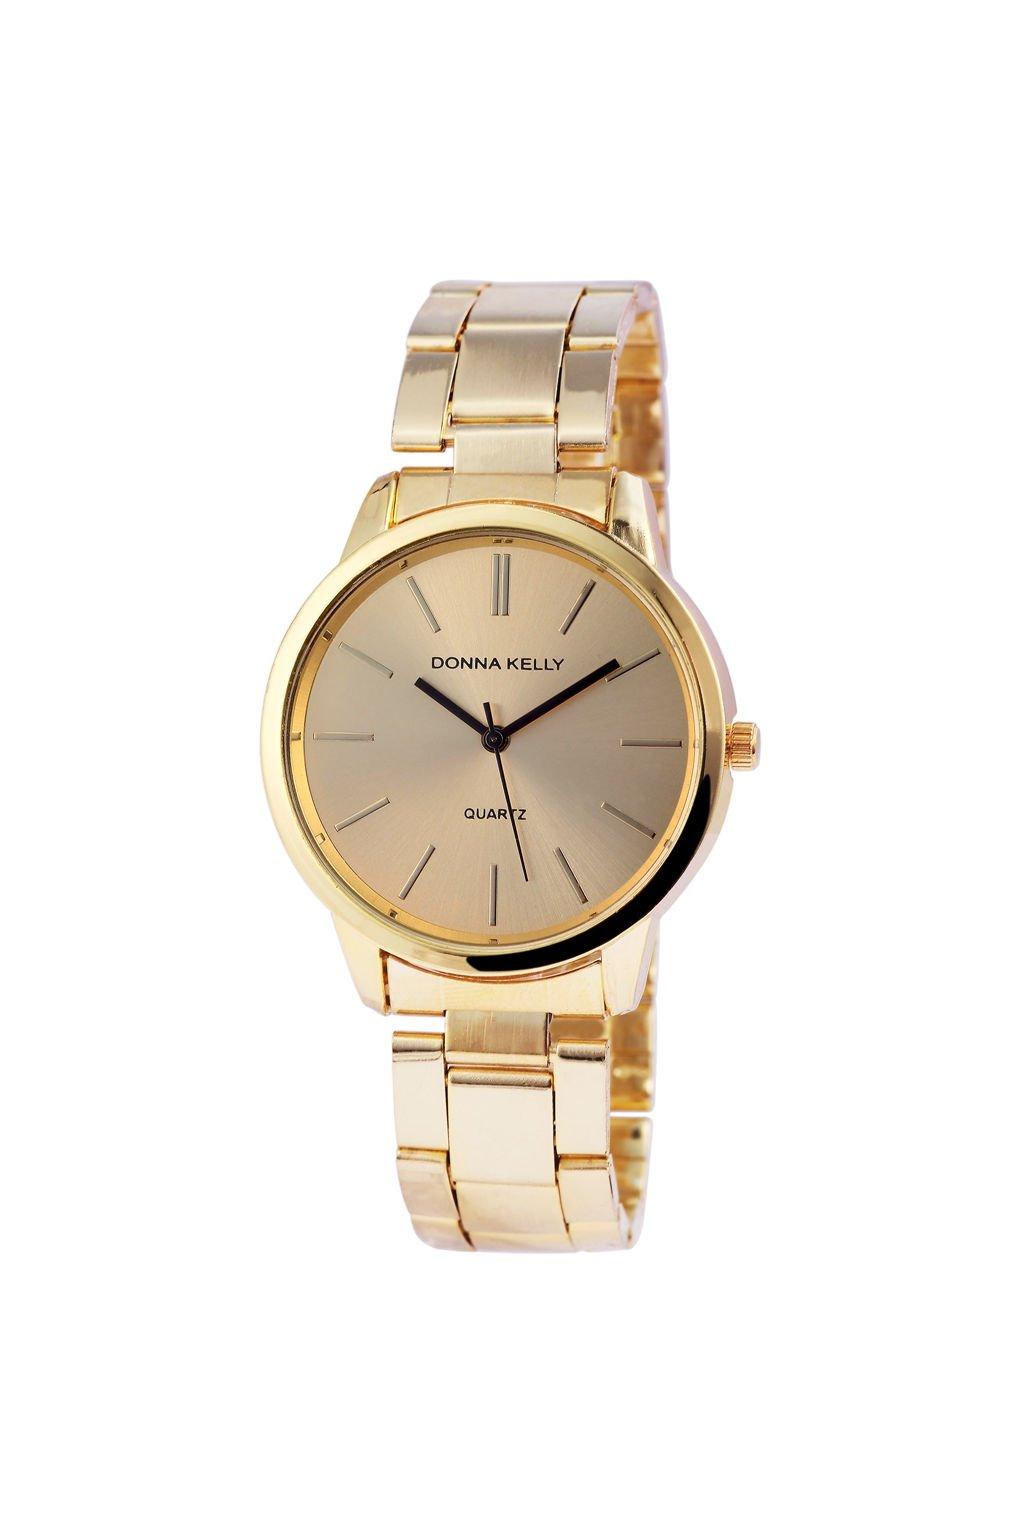 Dámské hodinky - Kabelkovice 33aac8666a